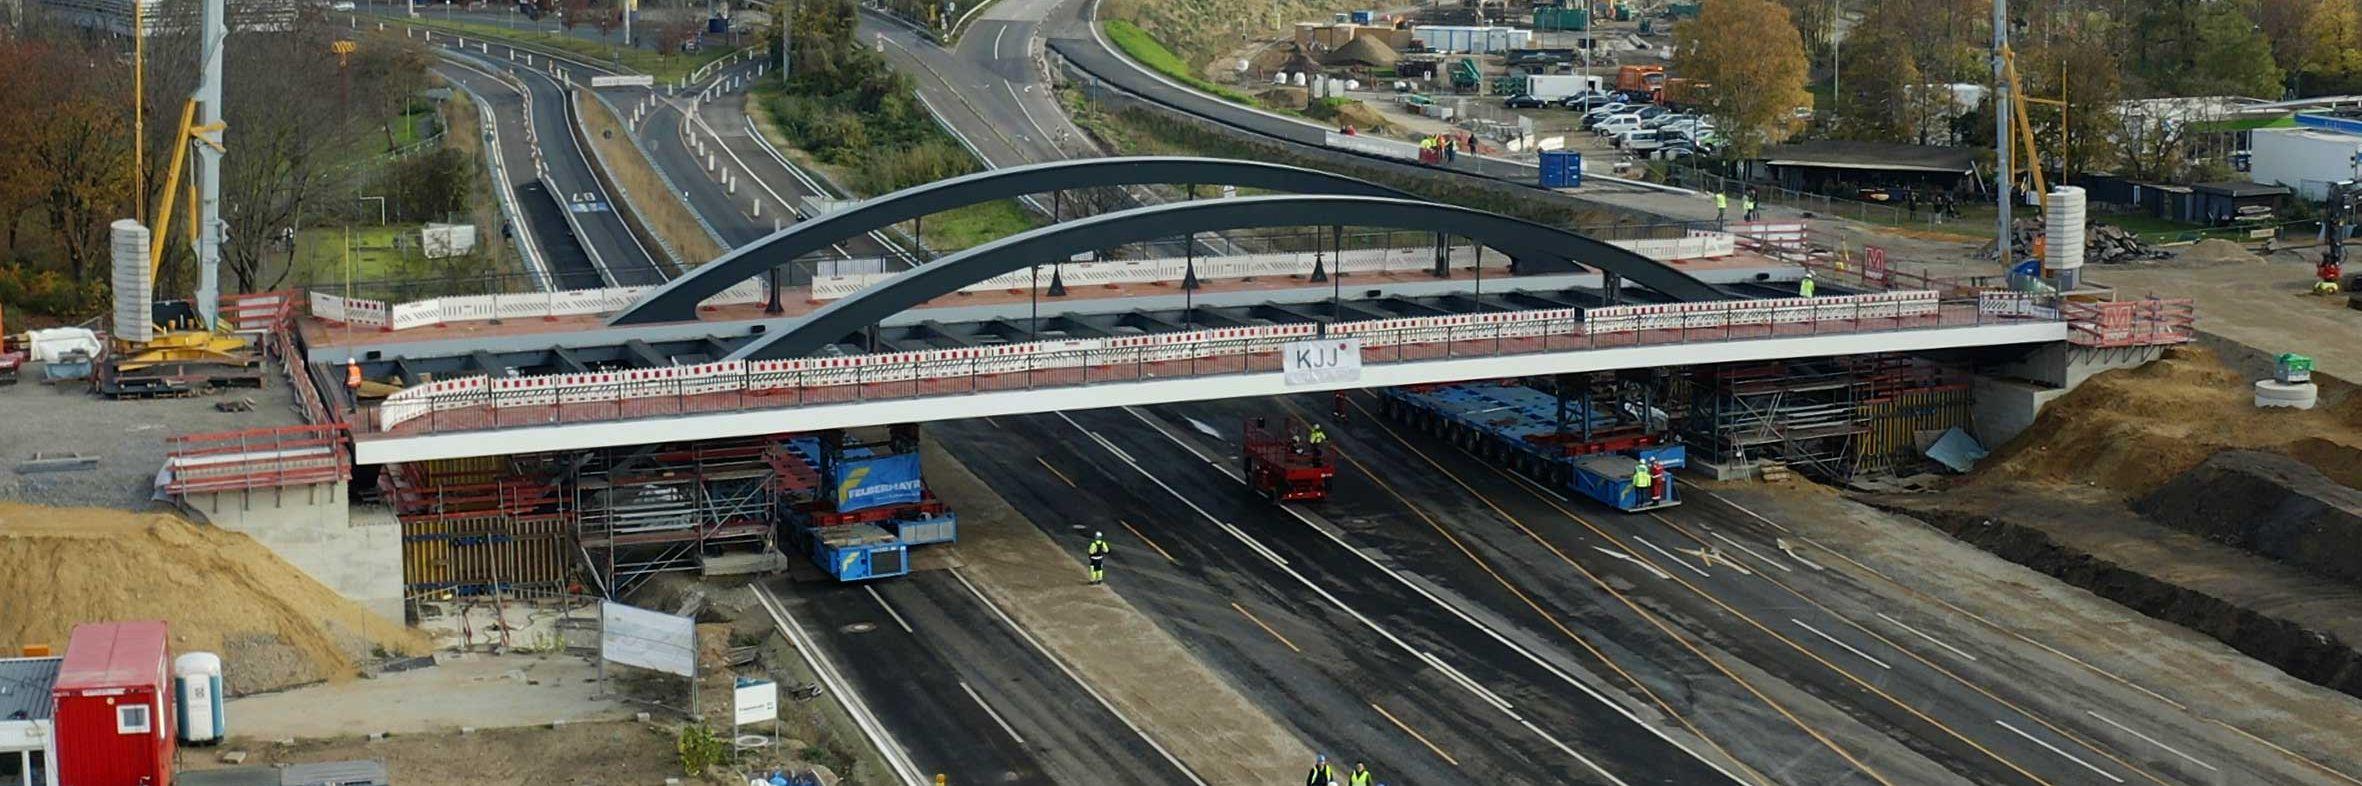 Brücke mit SPMT eingefahren Slider